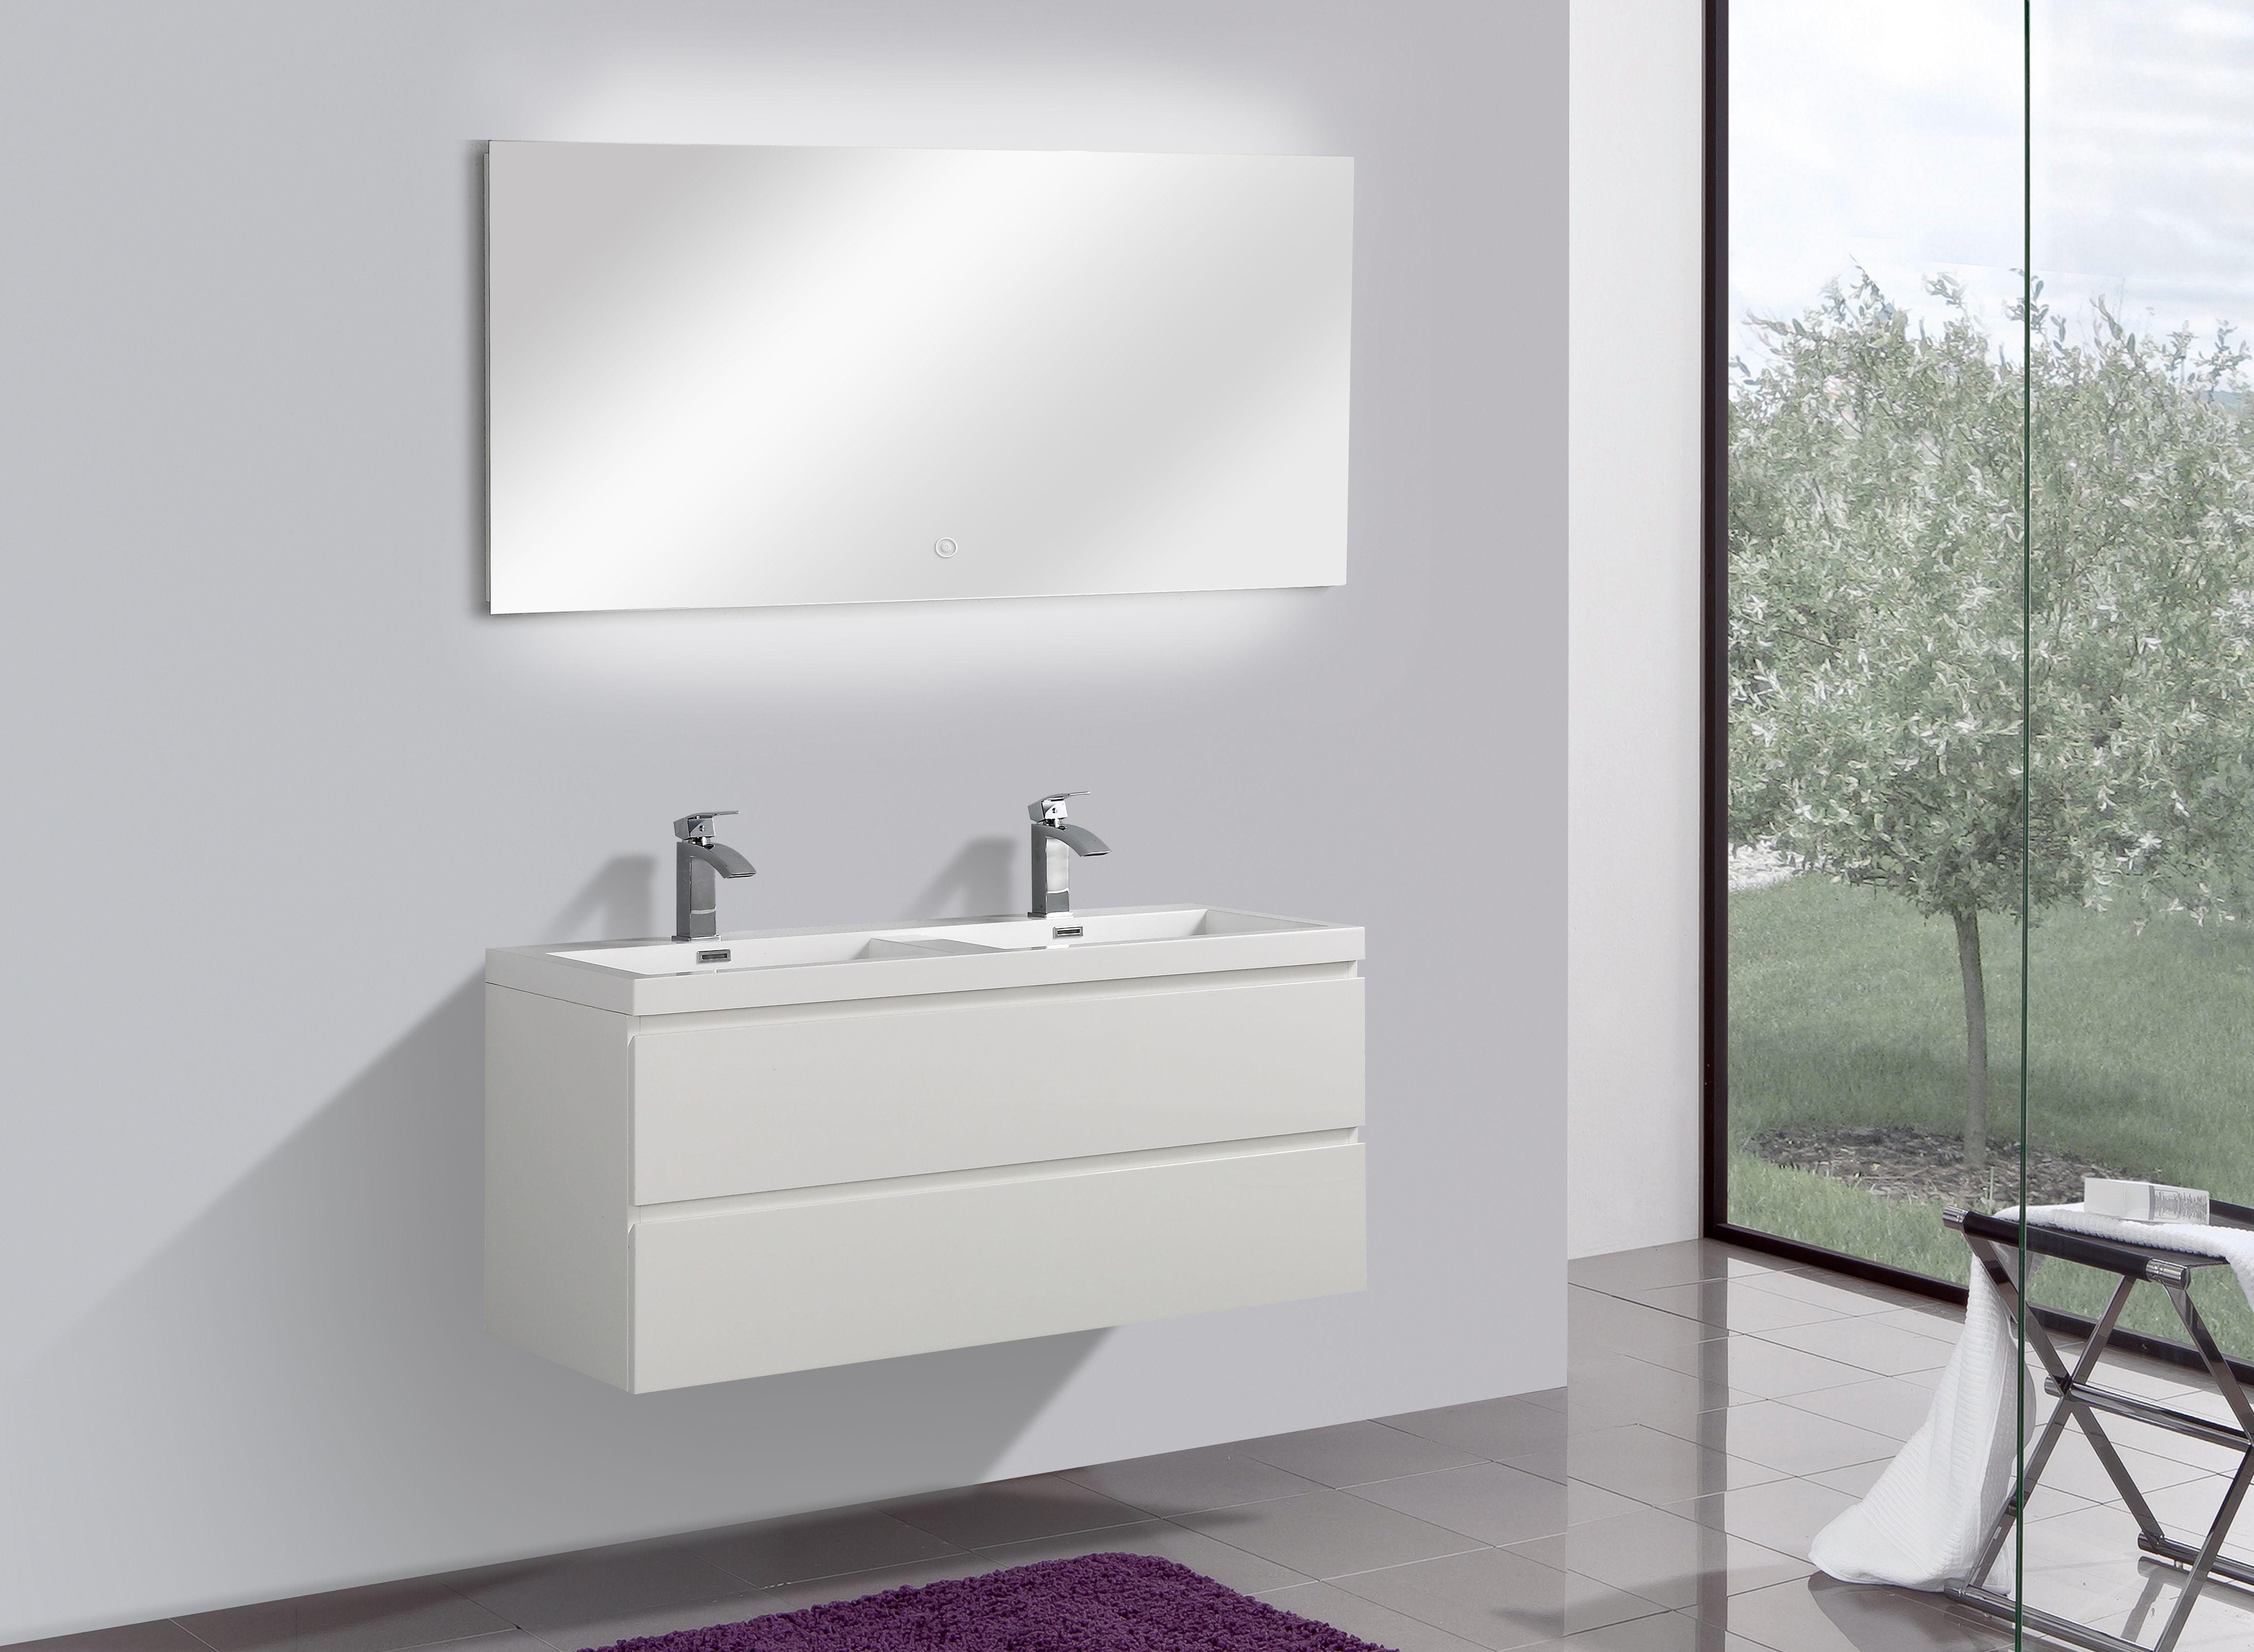 Badmöbel Unterschrank Flat 120 inkl. Doppelwaschtisch (hochglanz-weiß)